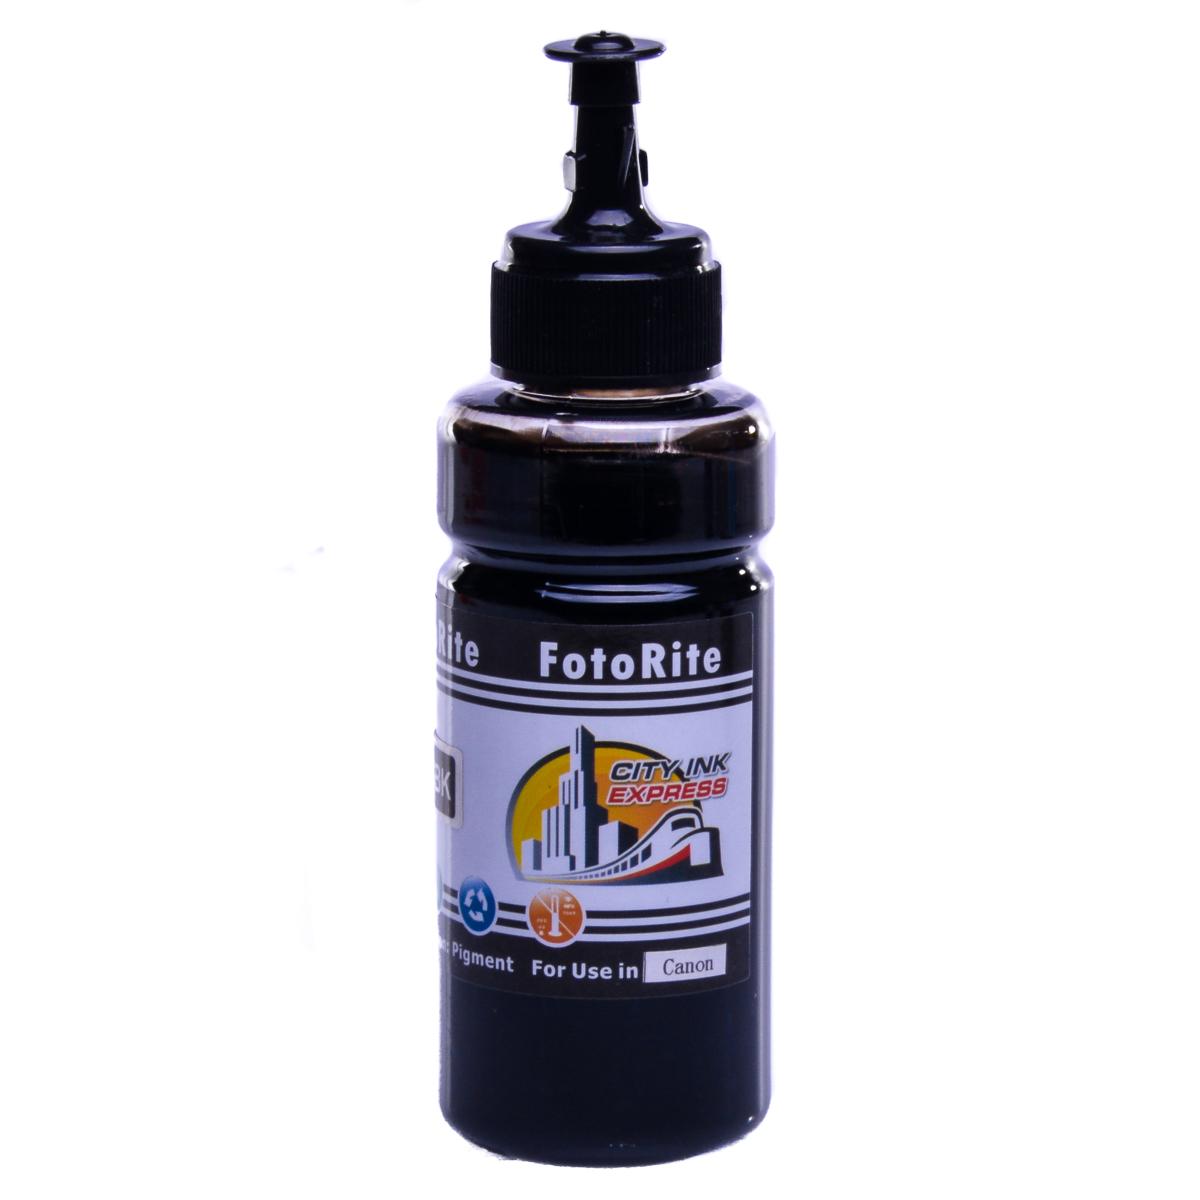 Cheap Pigment Black pigment ink replaces Canon Pixma MP450 - PG-40 - PG-50